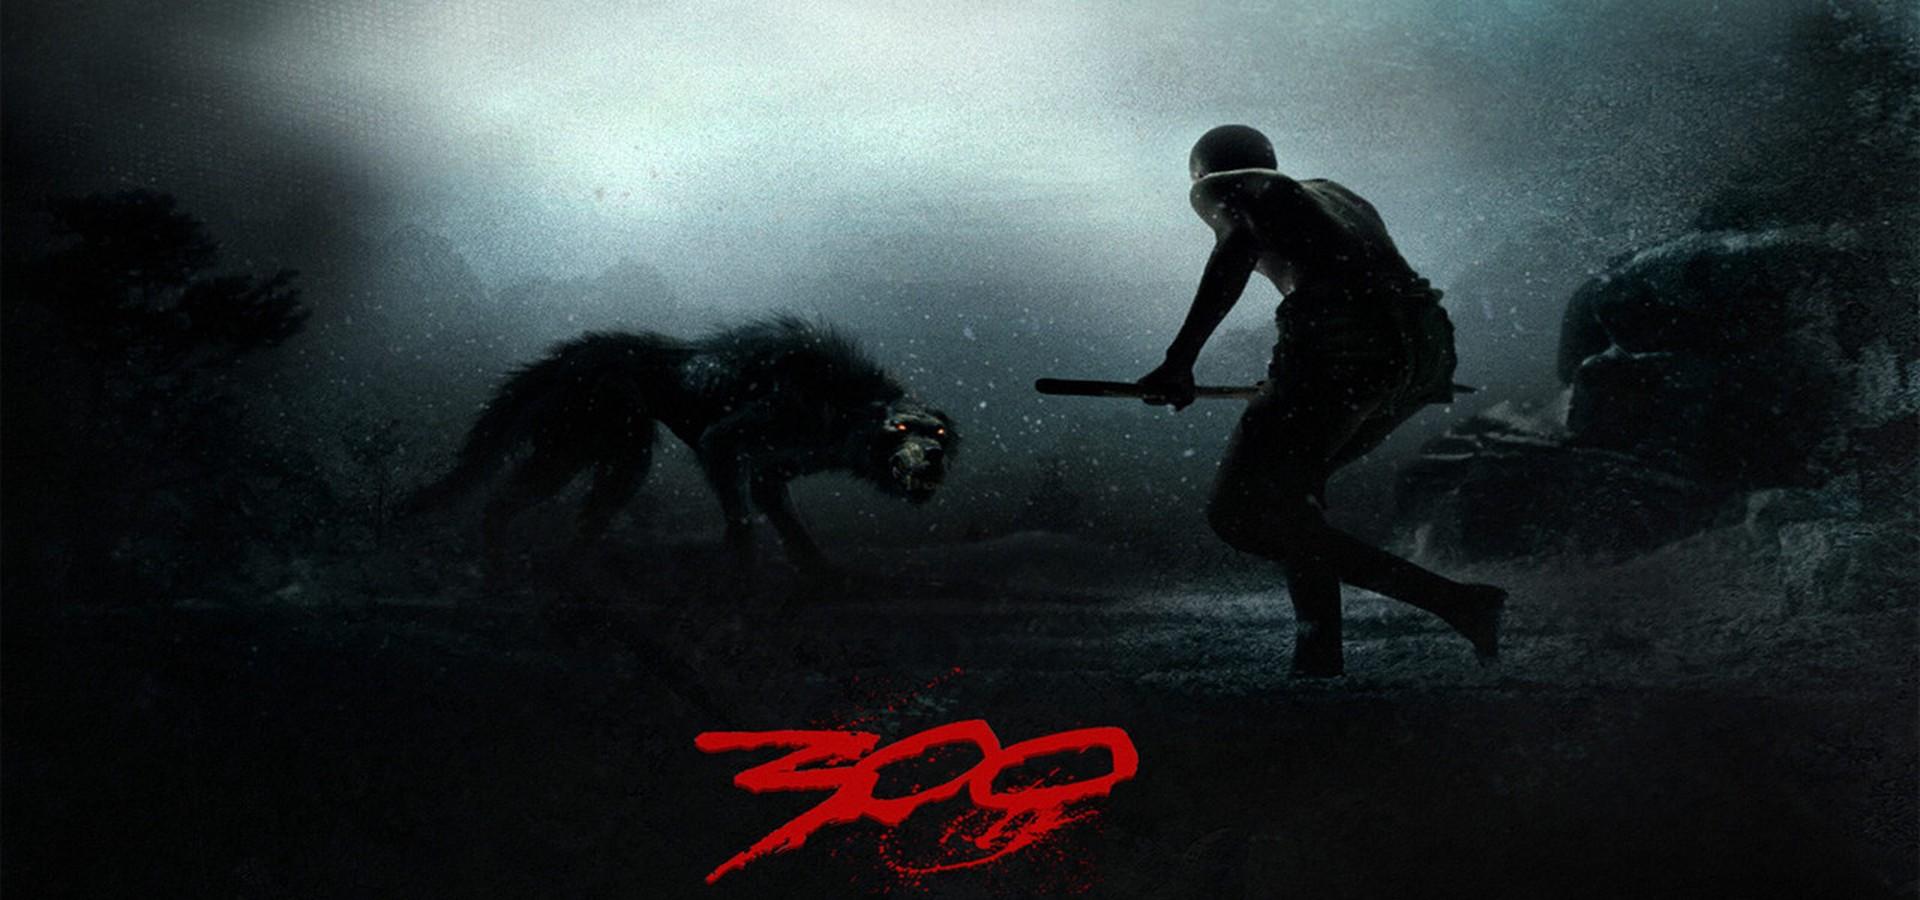 300 〈スリーハンドレッド〉